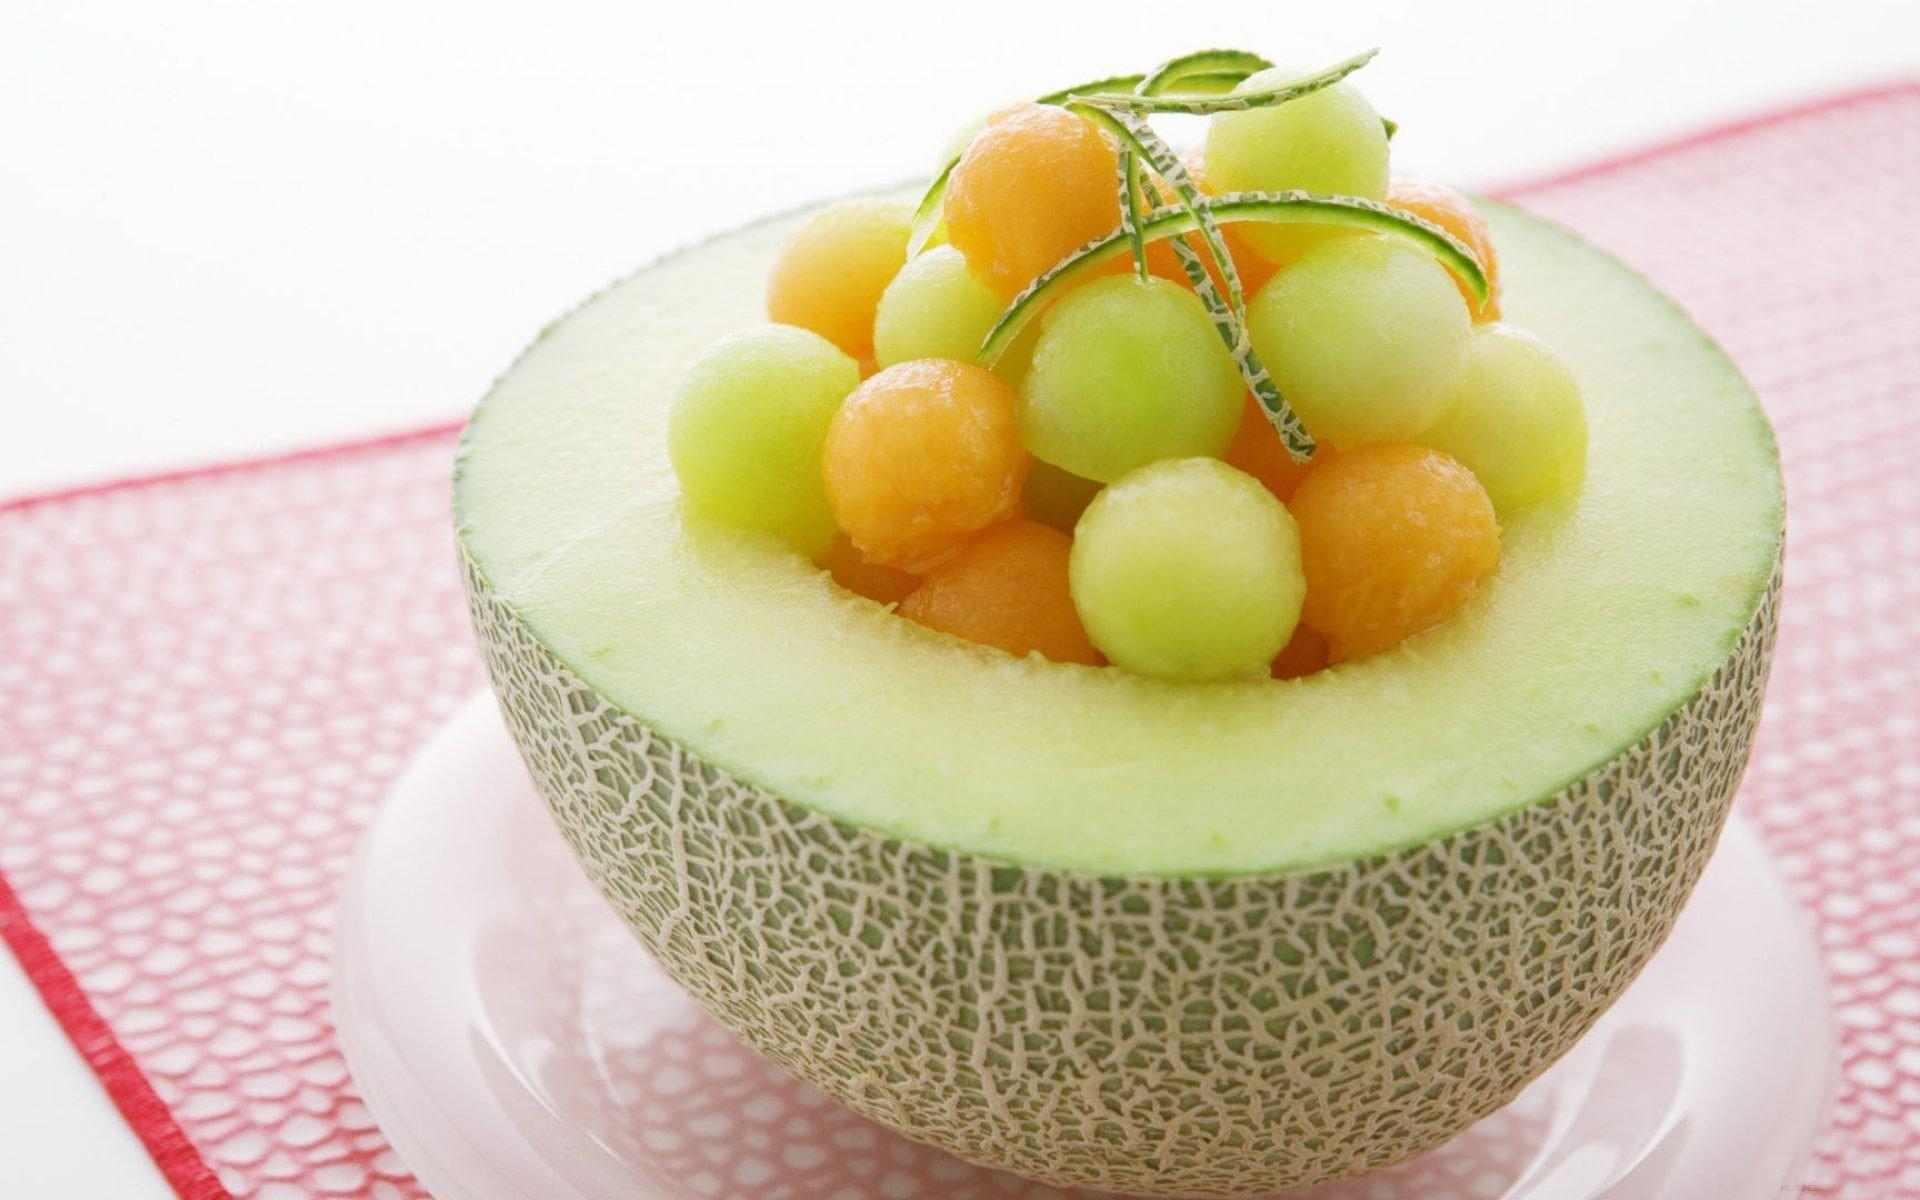 Melon Pictures